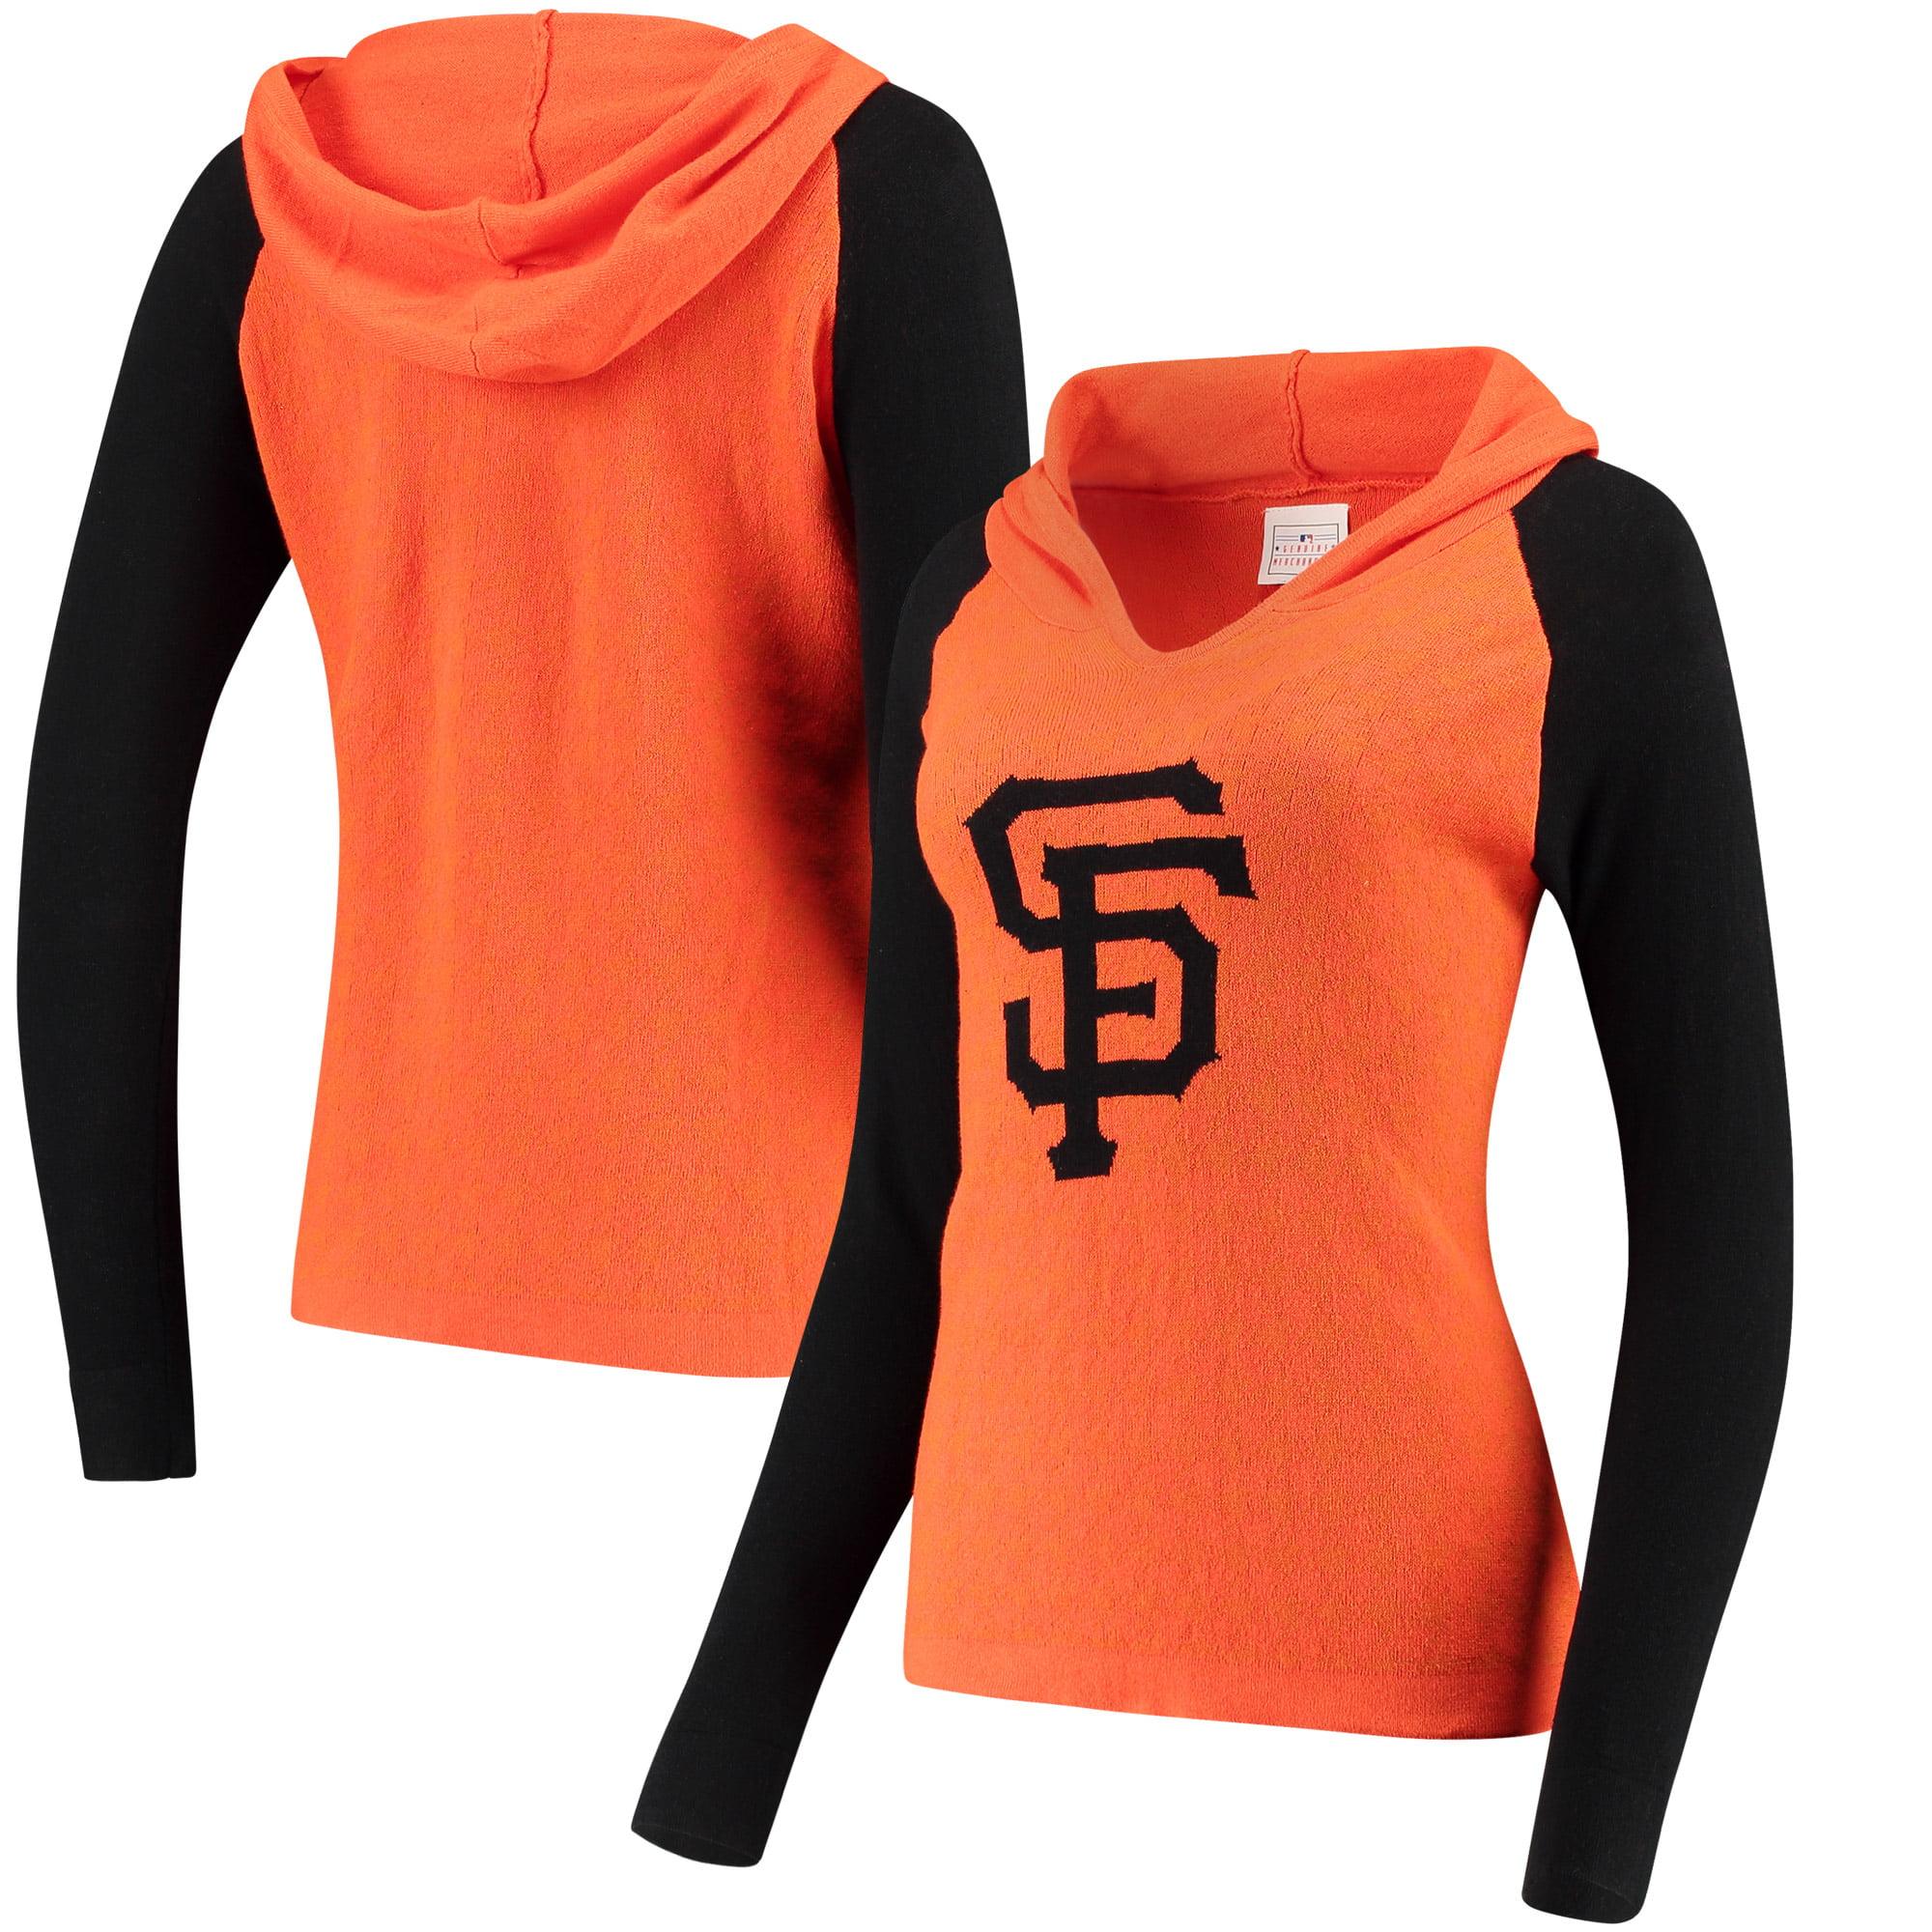 San Francisco Giants Women's Team Logo Hooded V-Neck Sweater - Orange